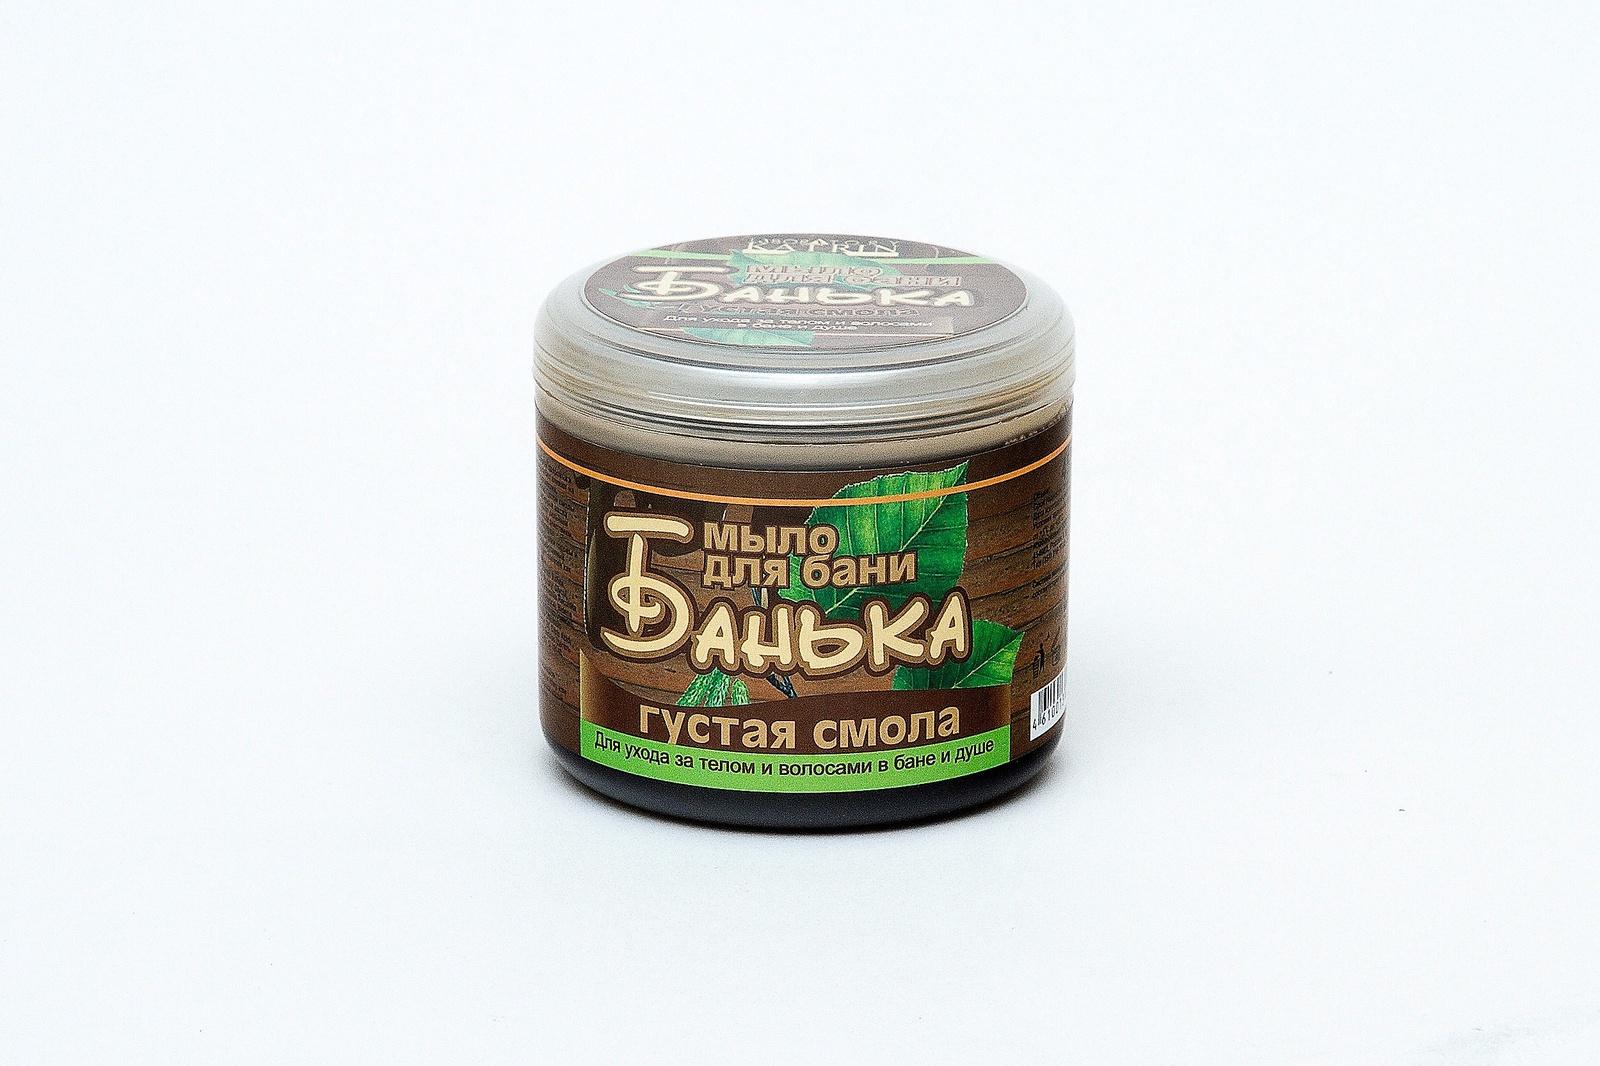 Густое мыло для бани Laboratory Katrin серия БАНЬКА Густая смола 450 мл густая себорея кожи